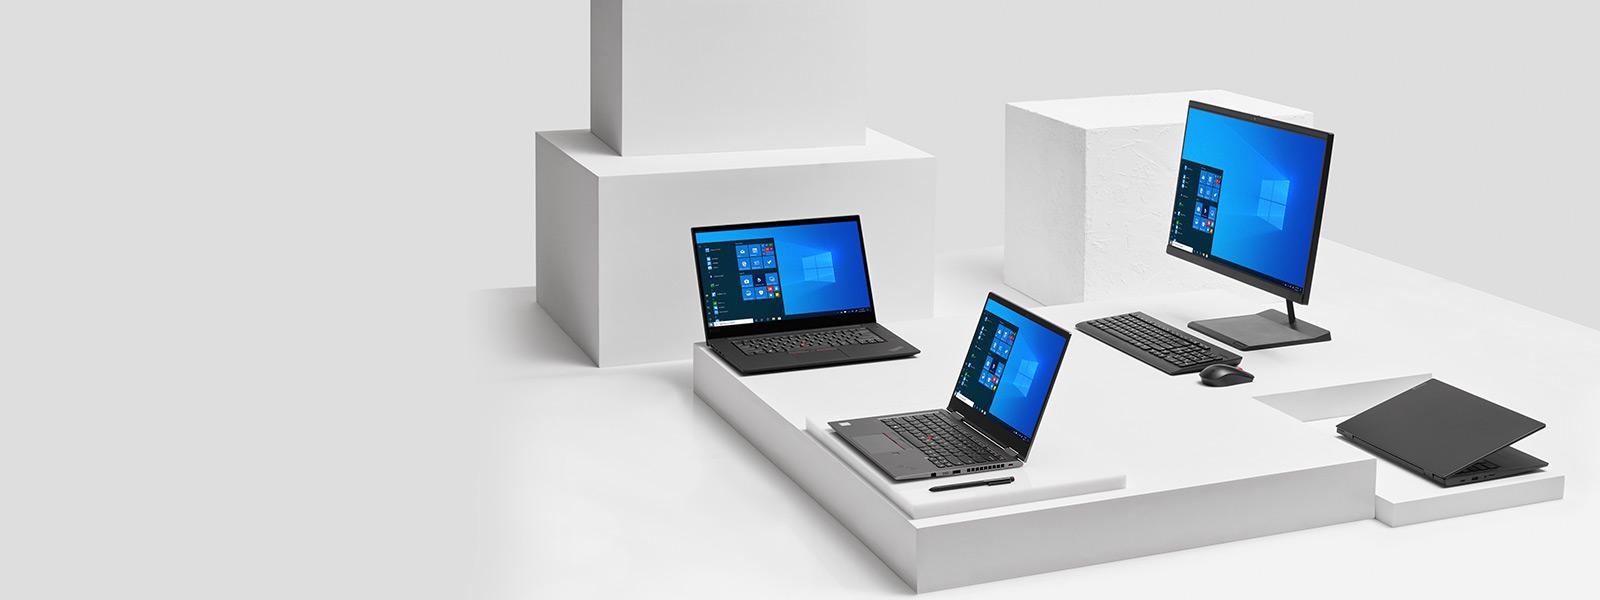 Gamme d'appareils Lenovo avec écrans d'accueil de Windows10 Professionnel